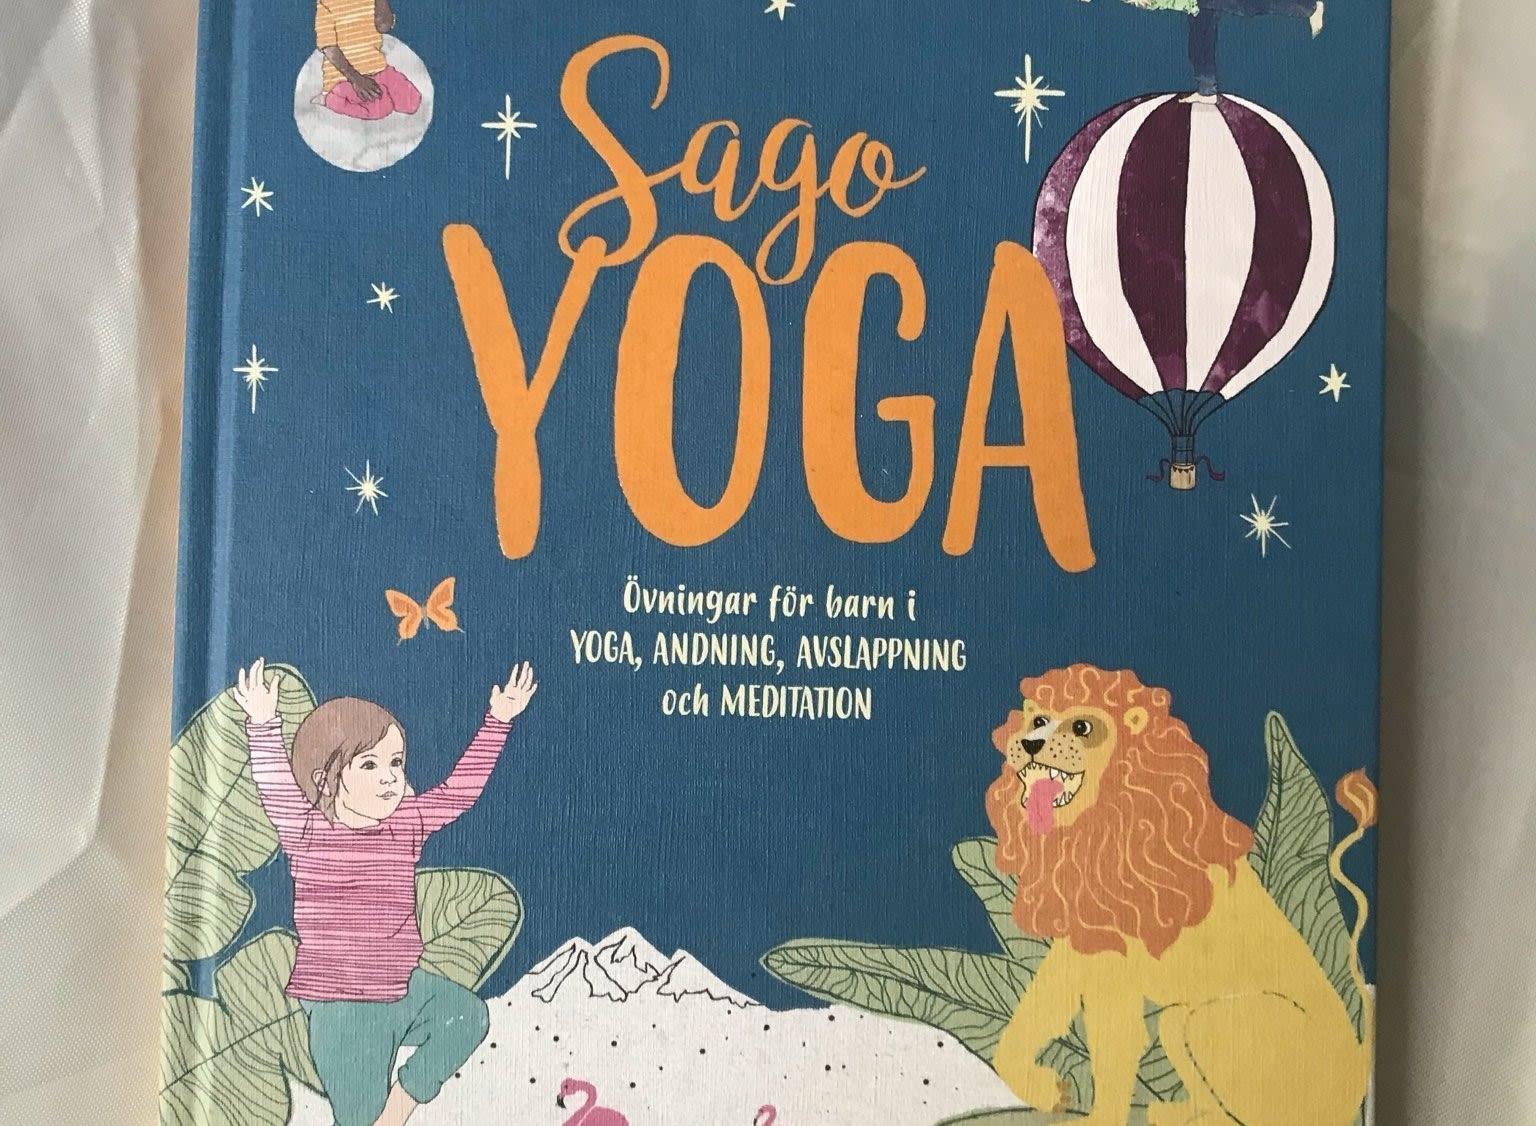 Sagoyoga – övningar för barn i yoga, andning, avslappning och meditation